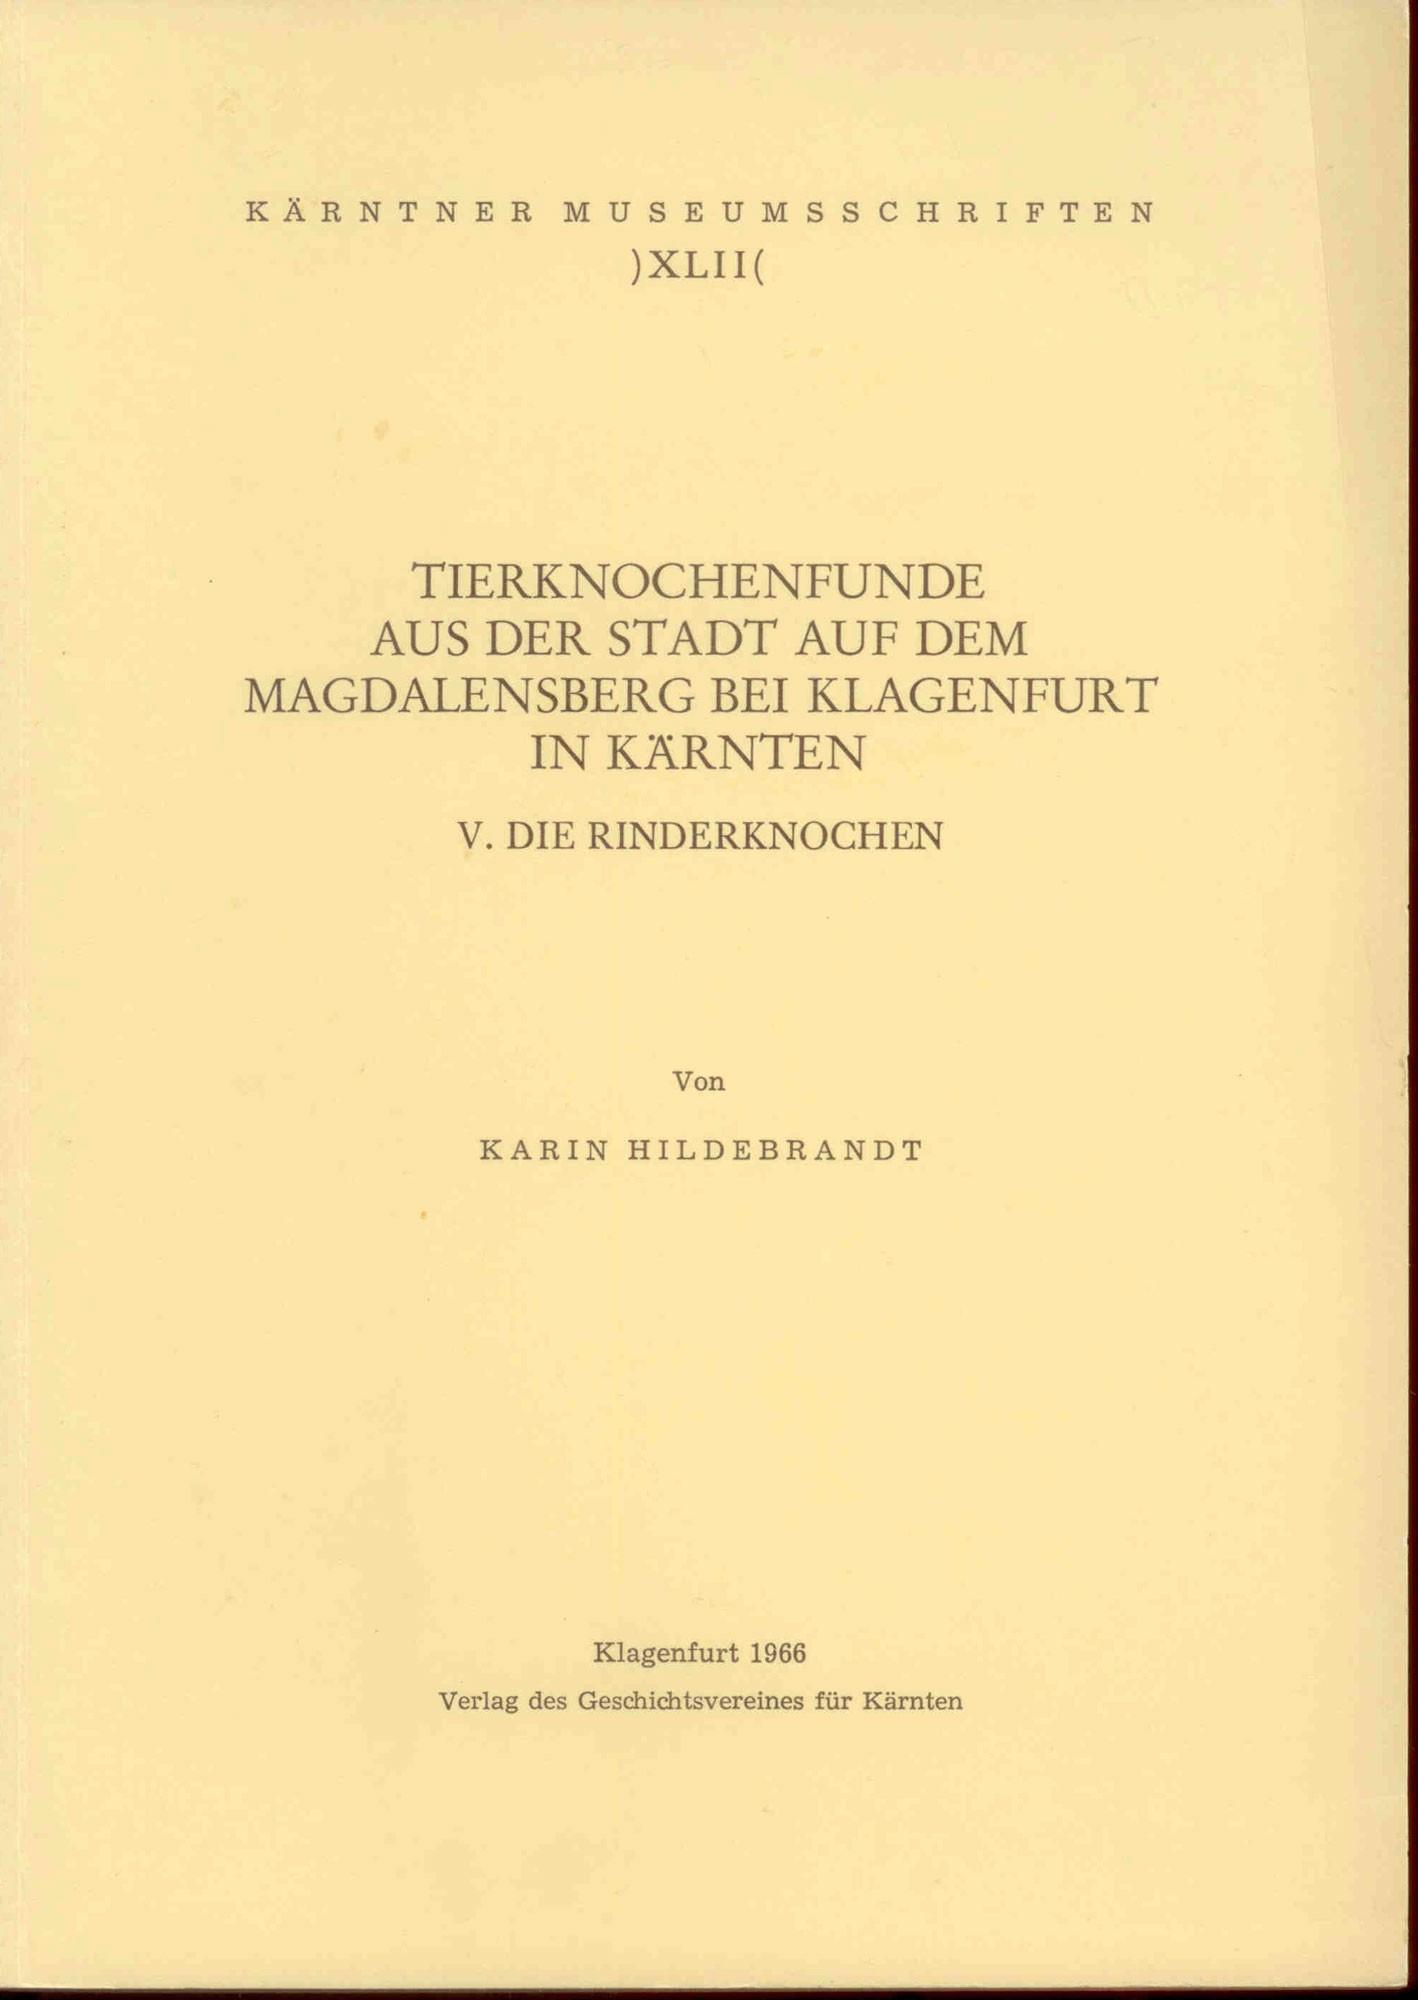 Hildebrandt, K.: Tierknochenfunde aus der Stadt auf dem Magdalensberg bei Klagenfurt in Kärnten. V. Die Rinderknochen. Inaugural-Dissertation